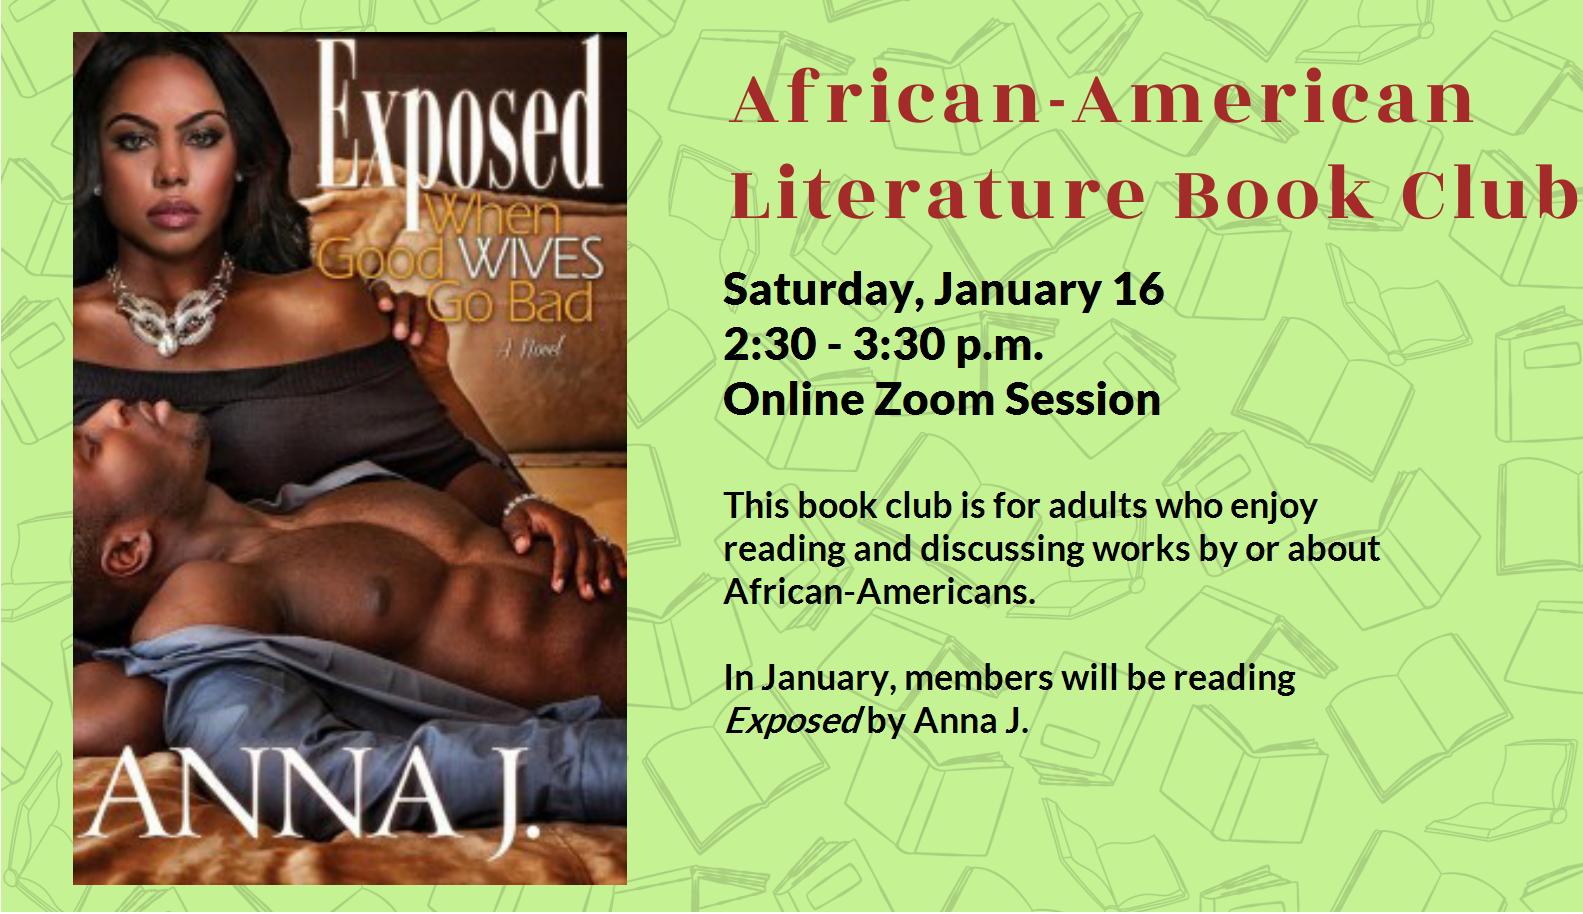 African-American Literature Book Club